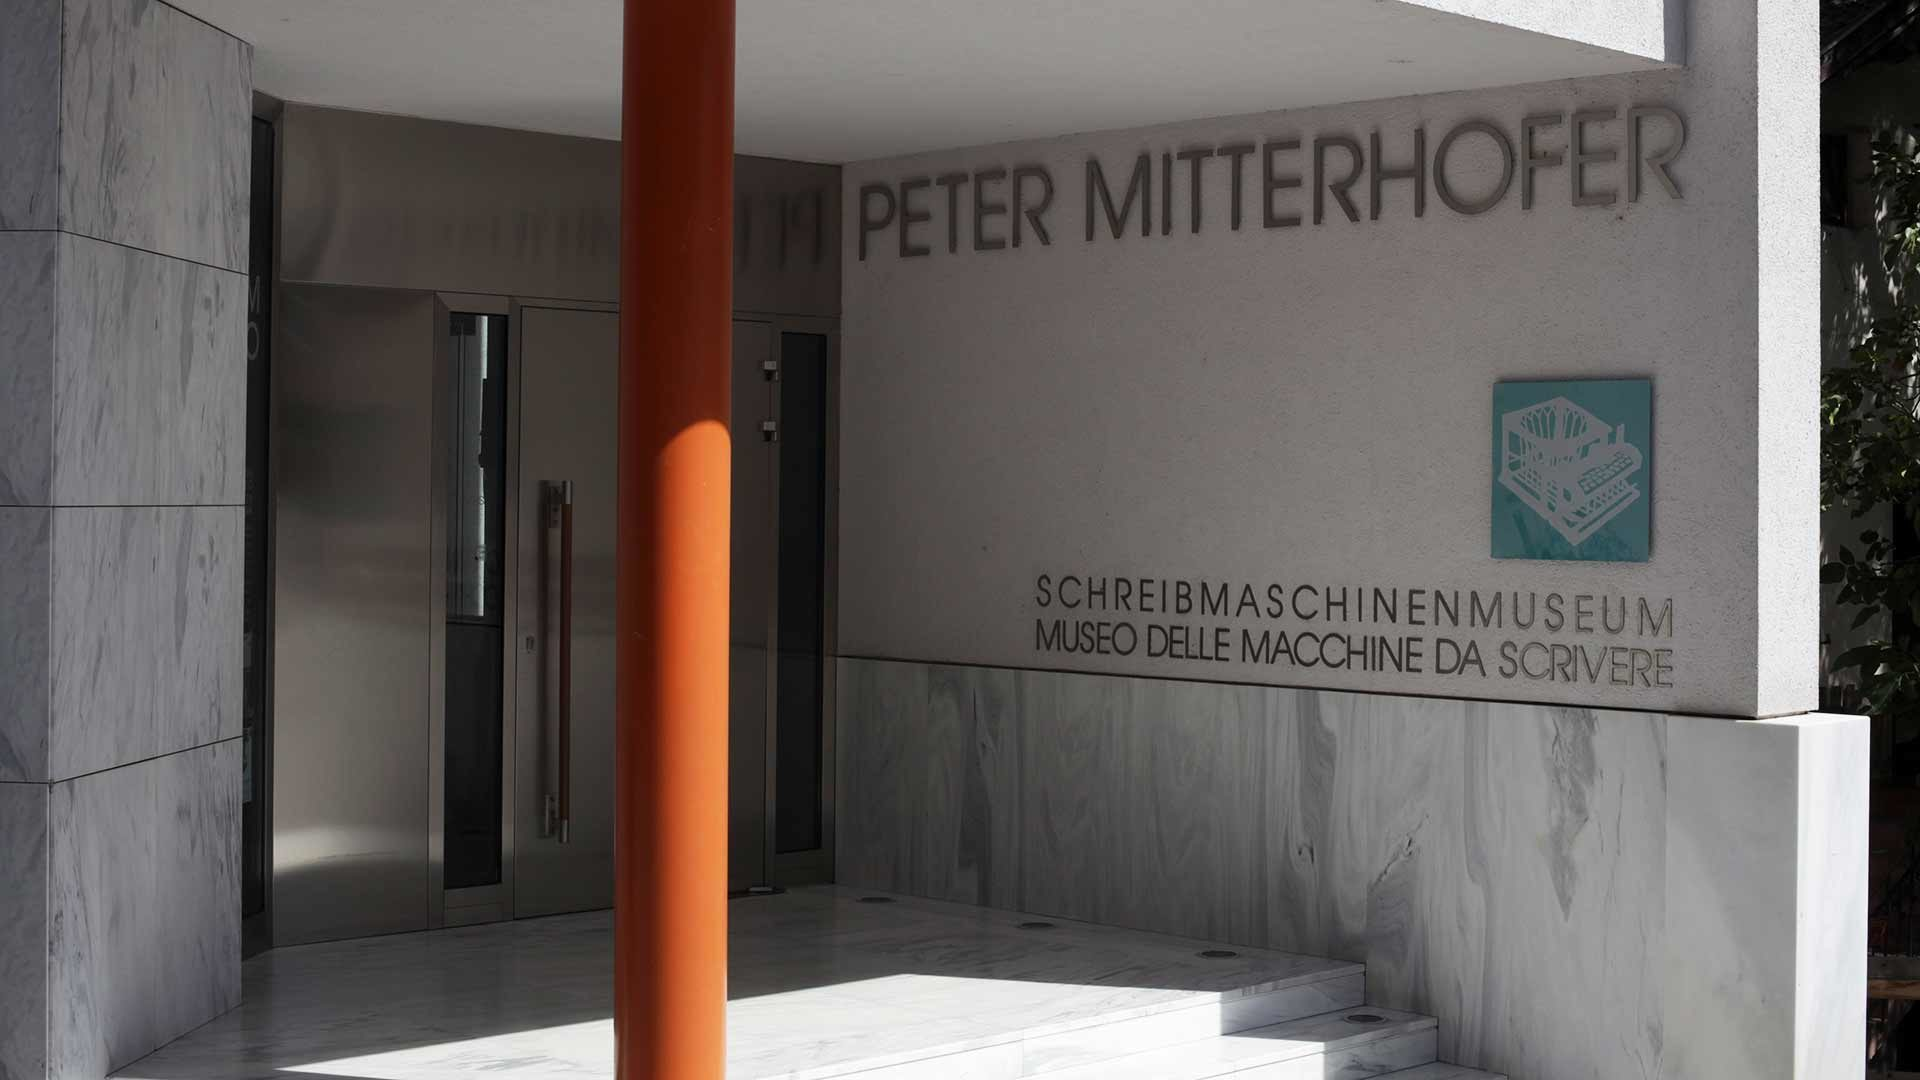 Schreibmaschinenmuseum Peter Mitterhofer in Partschins